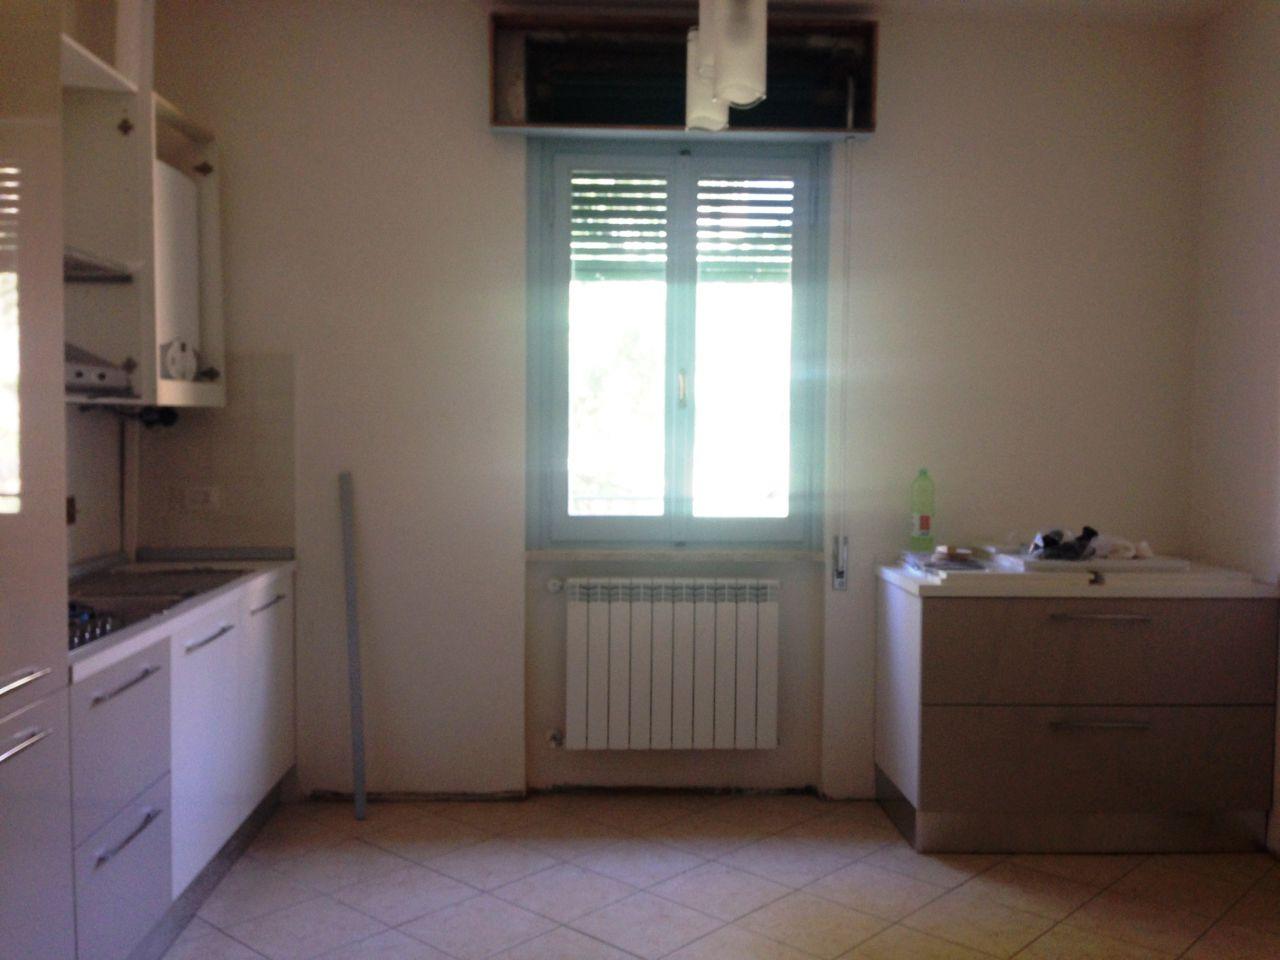 Appartamento in affitto a Arezzo, 4 locali, zona Località: VIA VITTORIO VENETO, prezzo € 470 | Cambio Casa.it